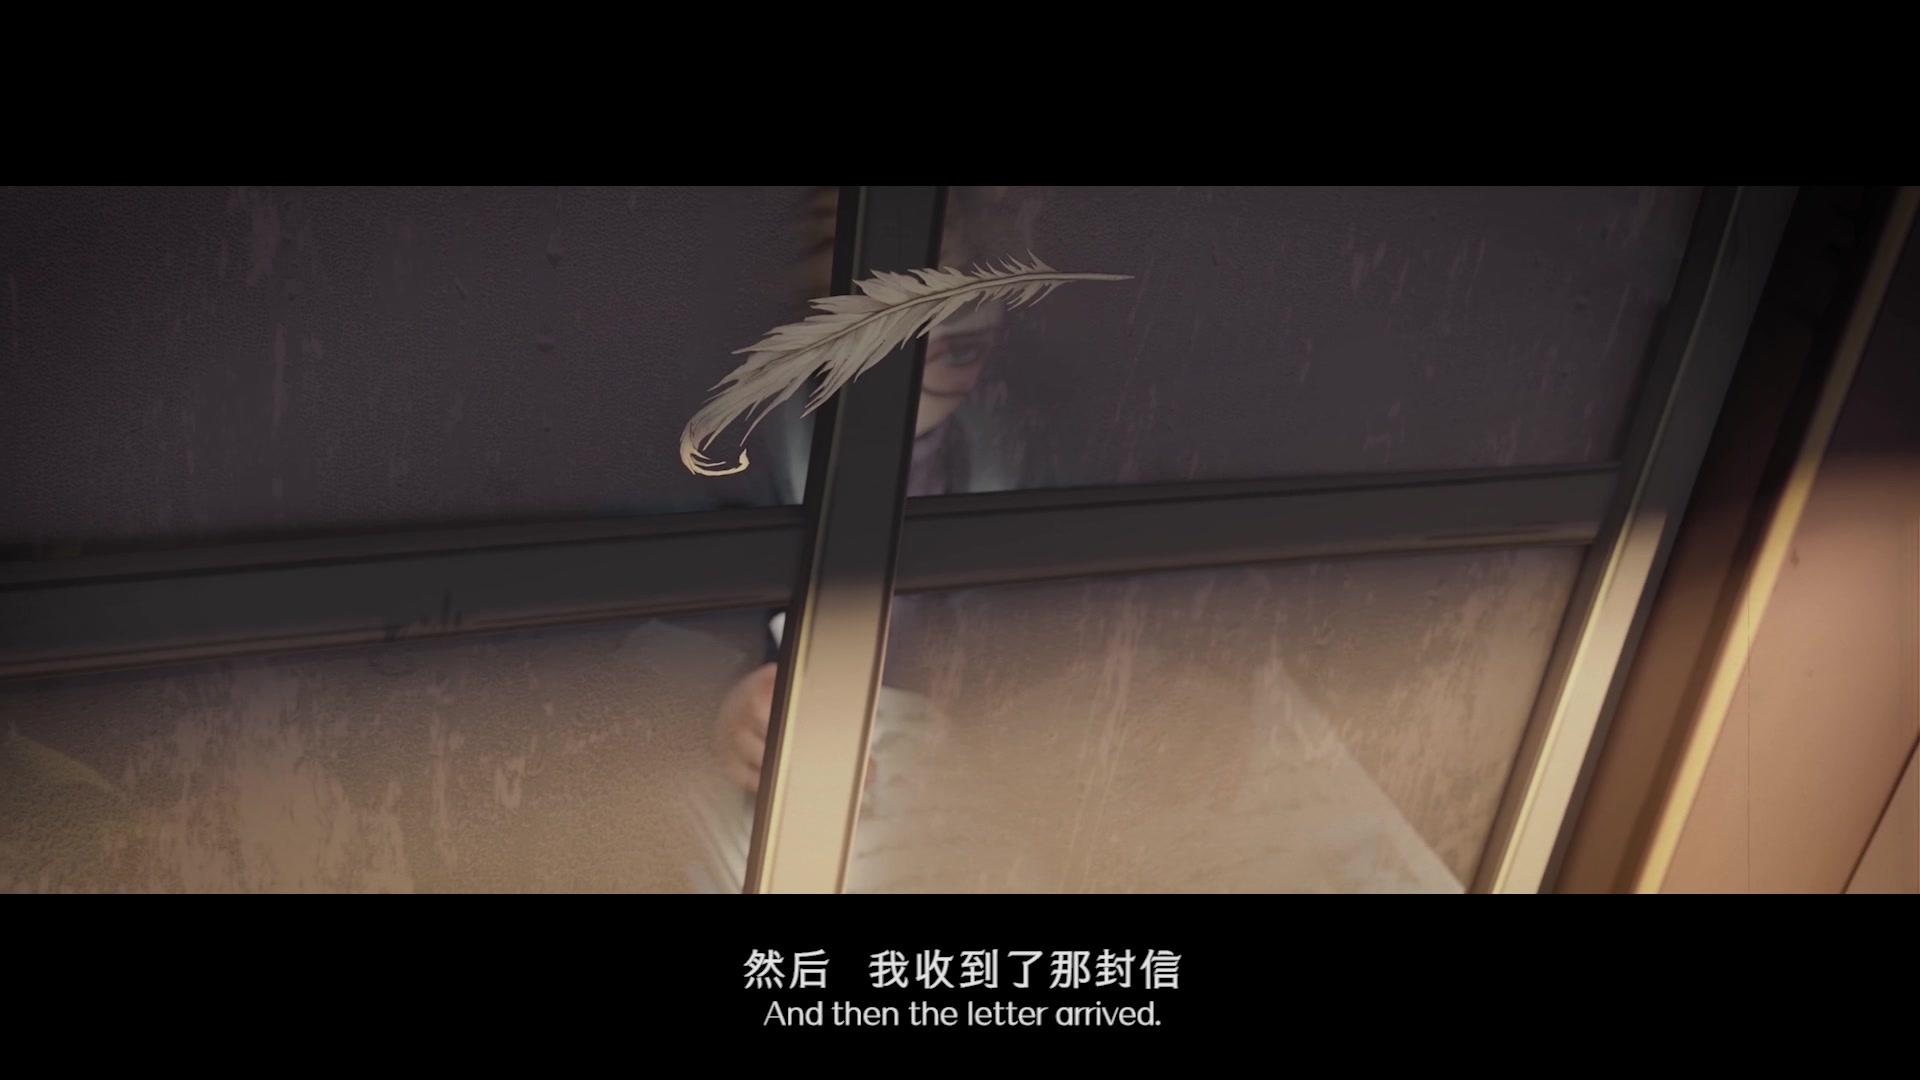 《哈利波特:魔法觉醒》入学预告视频曝光!